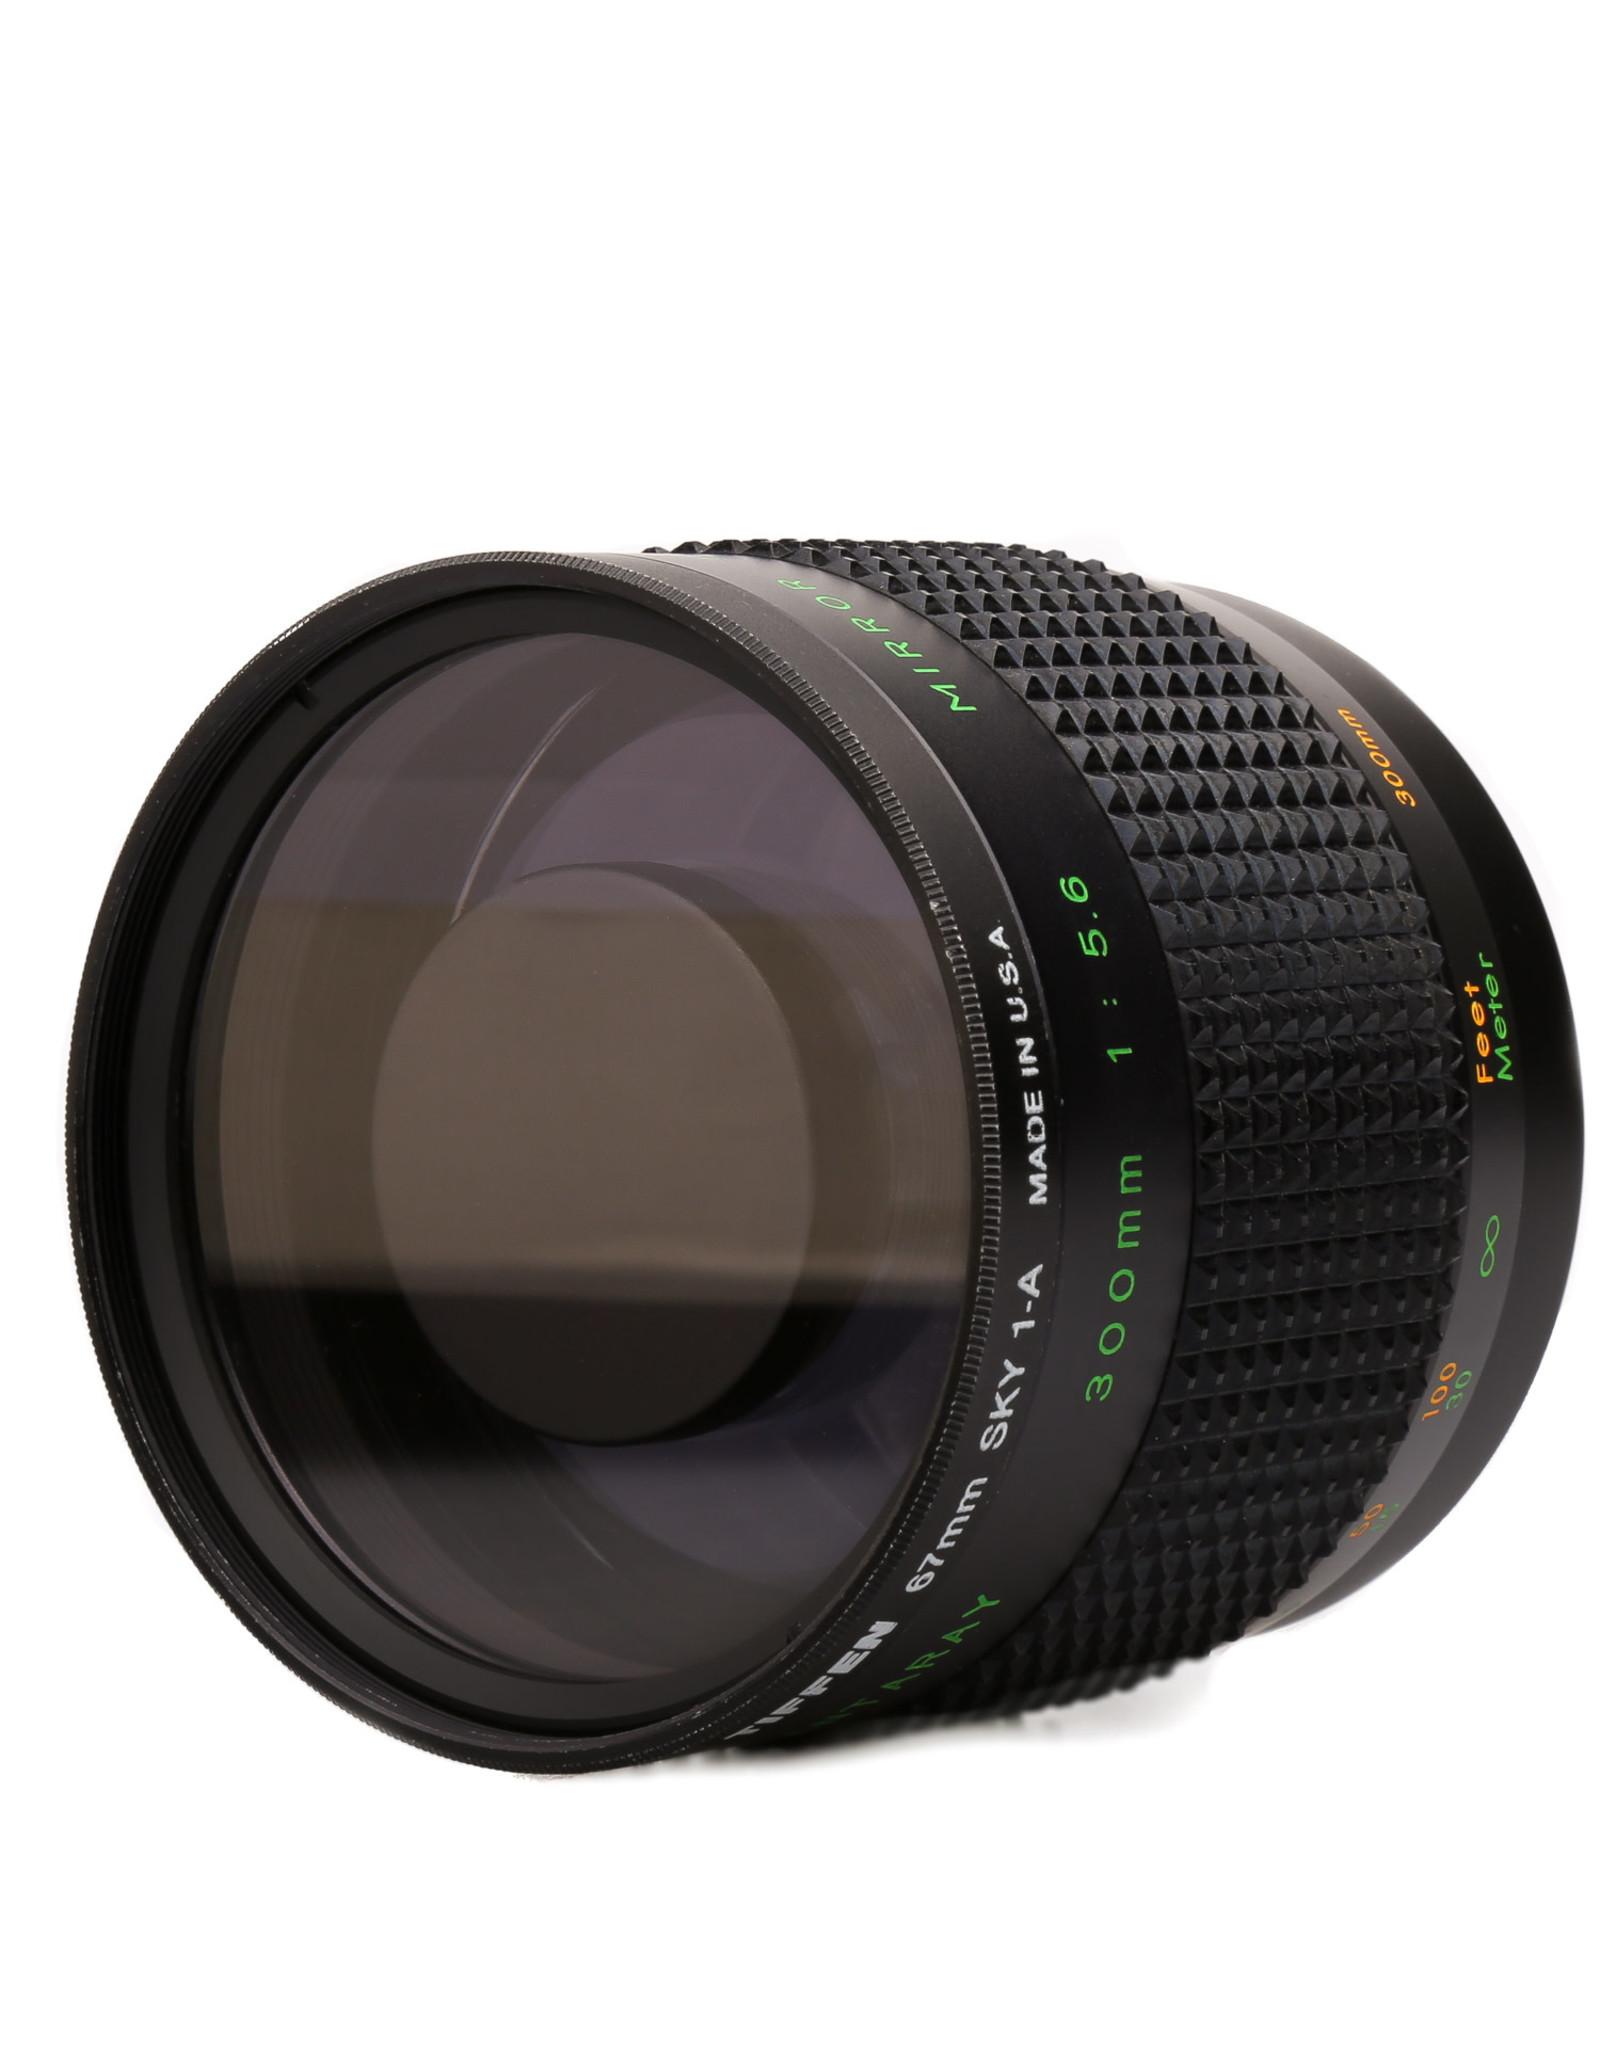 Quantaray Quantaray 300mm f/5.6 Mirror Lens T2 (universal)